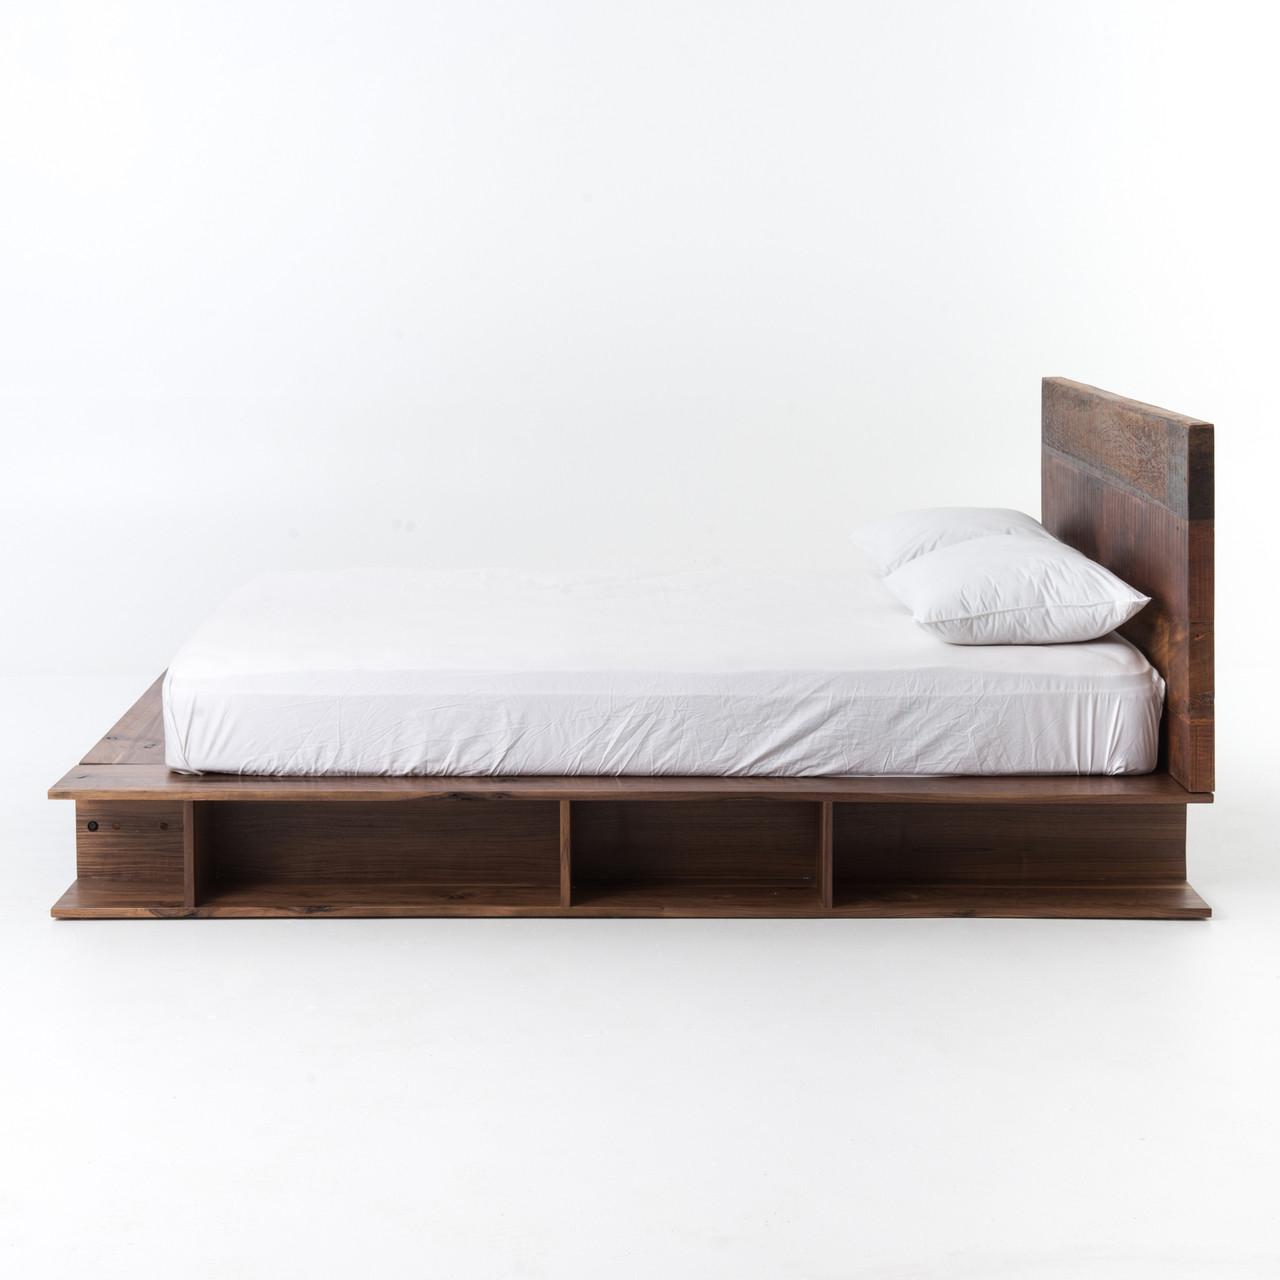 ... Bonnie Rustic Reclaimed Wood Queen Platform Bed Frame ... - Bonnie Rustic Reclaimed Wood Queen Platfrom Bed Zin Home